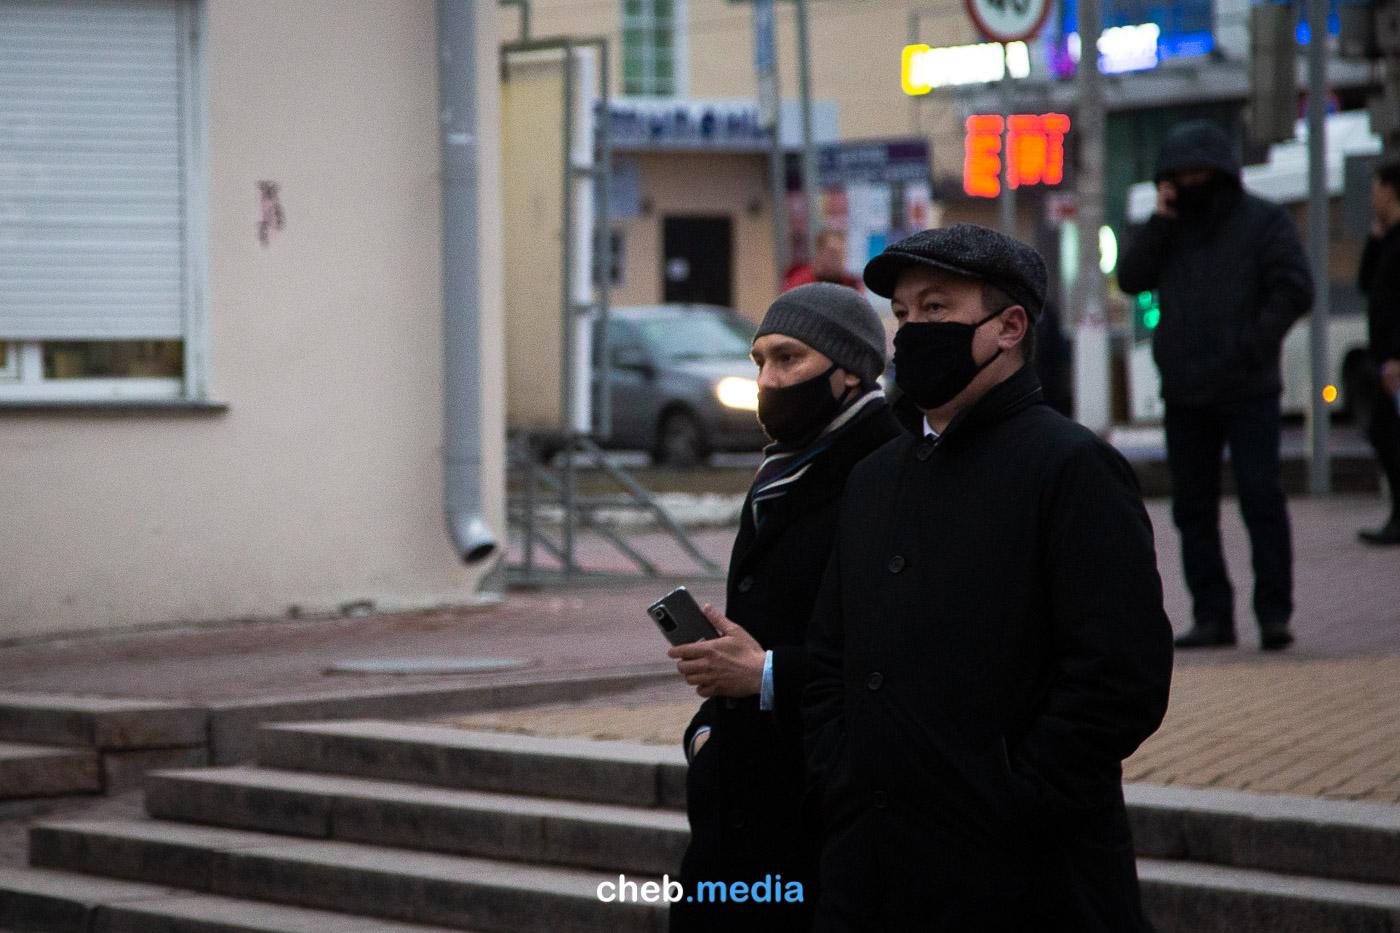 Заместитель главы администрации Андрей Петров, отказывающий в проведении митингов